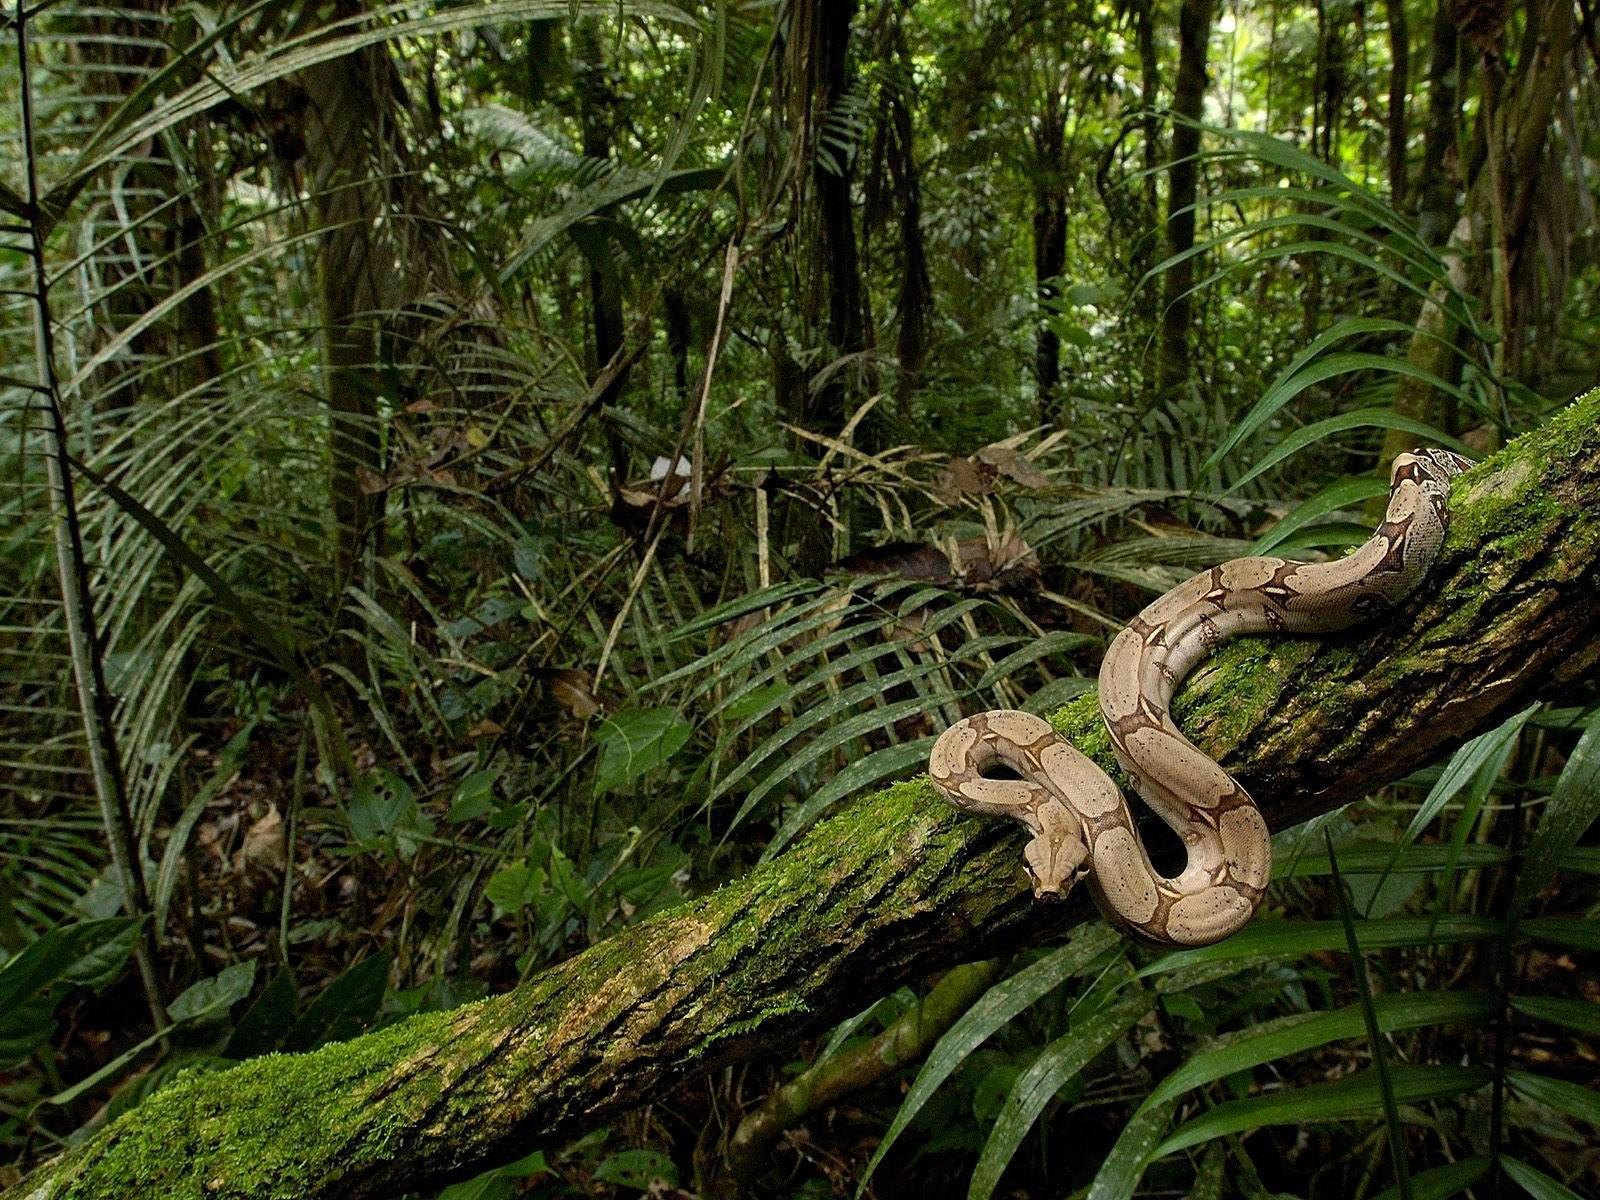 Змия на дереве